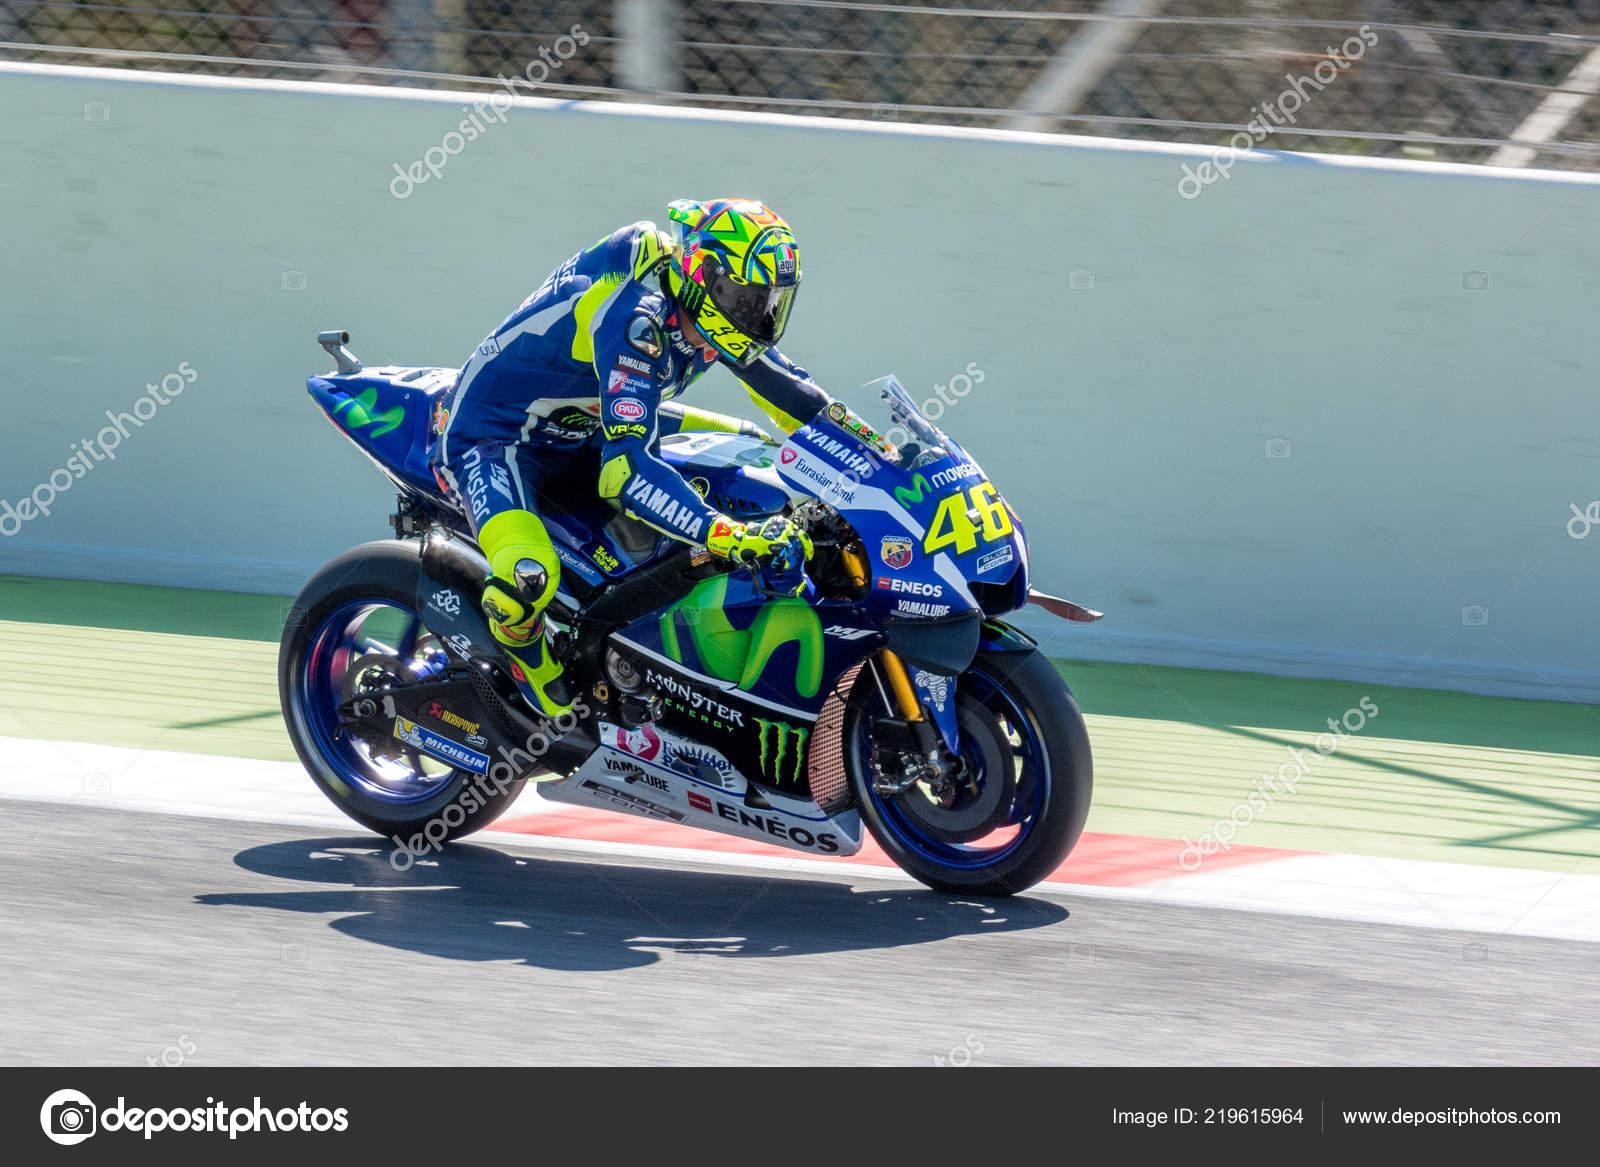 Barcelona Spain June Valentino Rossi 2016 Monster Energy Motogp